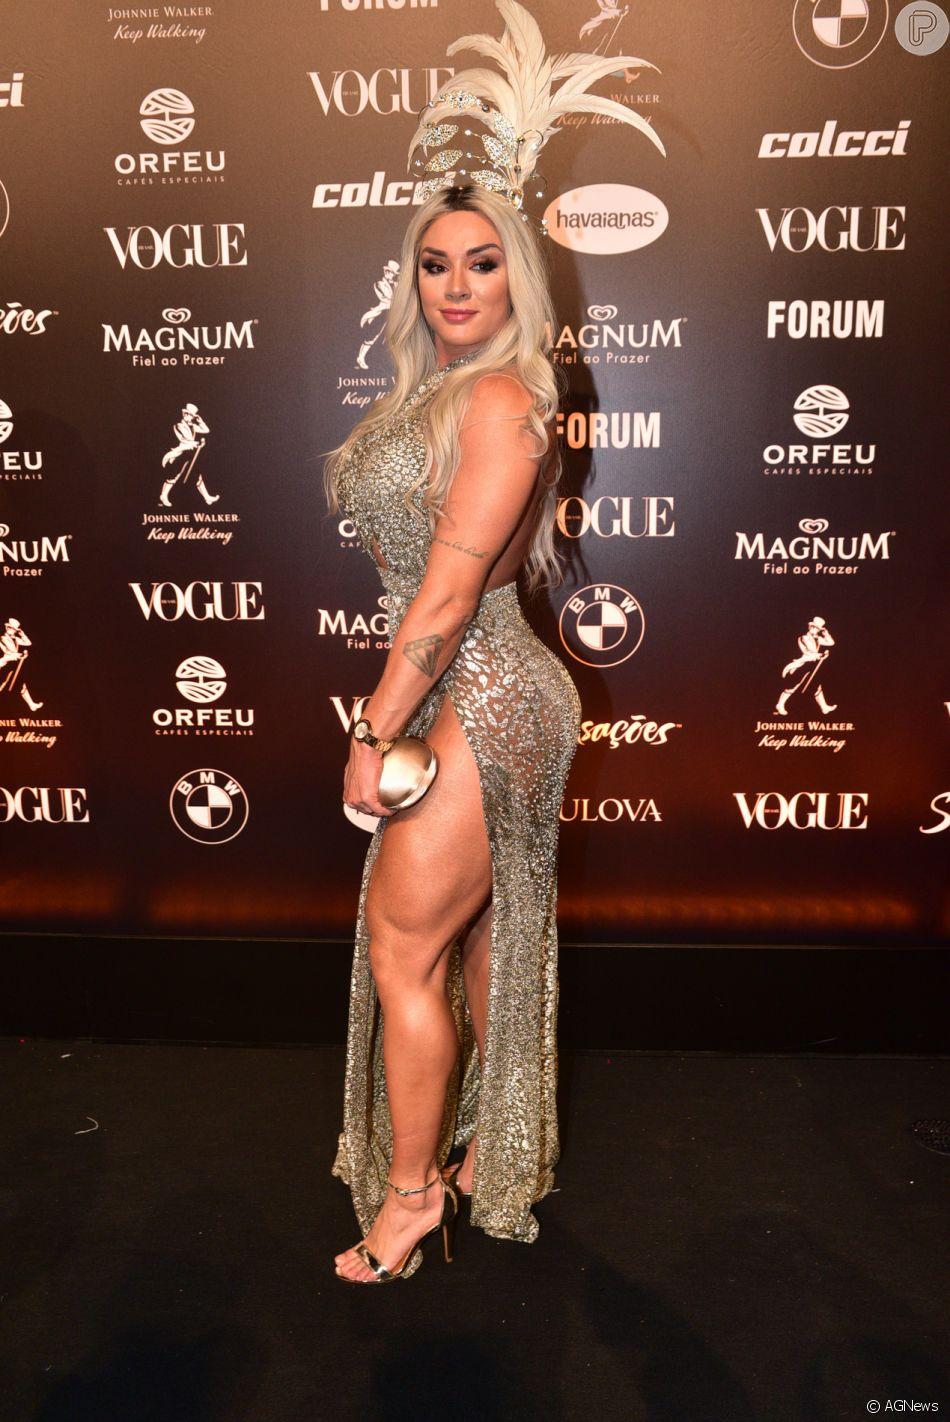 435161c88e624 Baile da Vogue  Juju Salimeni também apostou no brilho metalizado e usou  vestido com fenda gigantesca e arranjo na cabeça